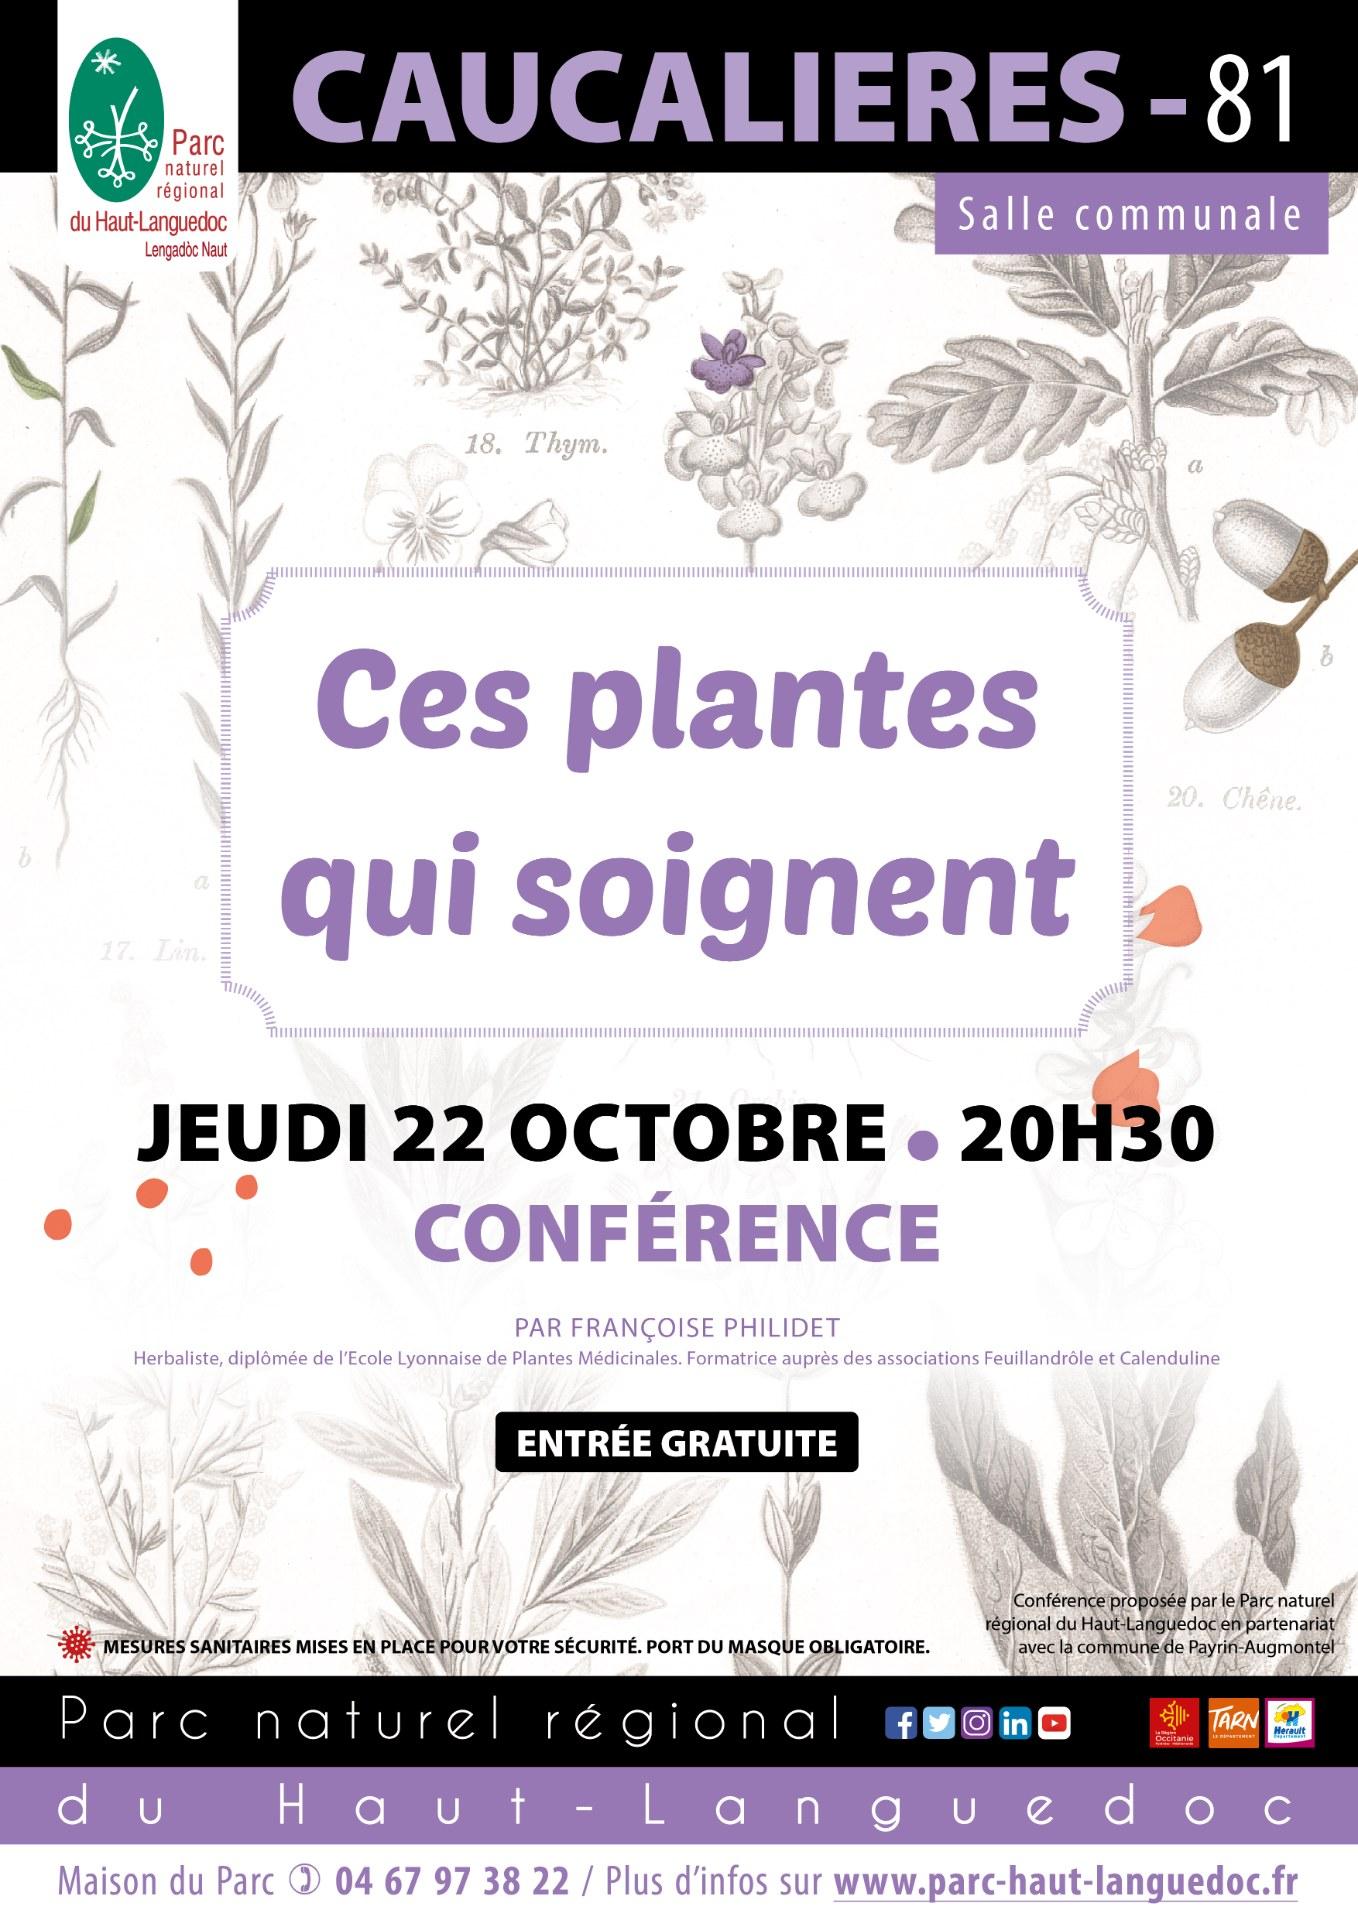 20201022 Affiche Ces plantes qui soignent Caucalières 81